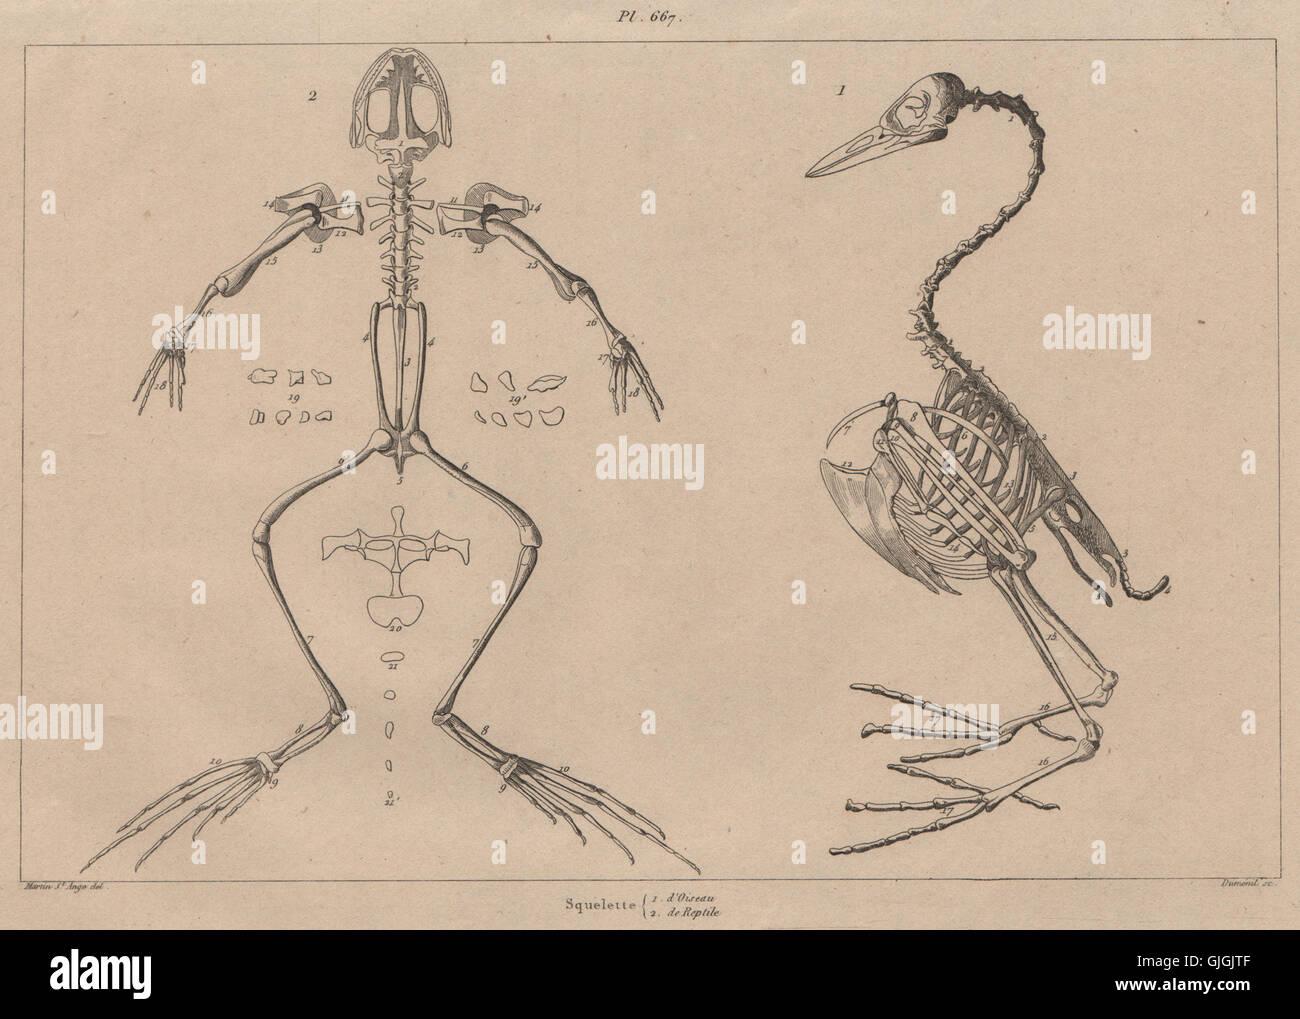 Berühmt Anatomie Skelett Spiele Ideen - Menschliche Anatomie Bilder ...